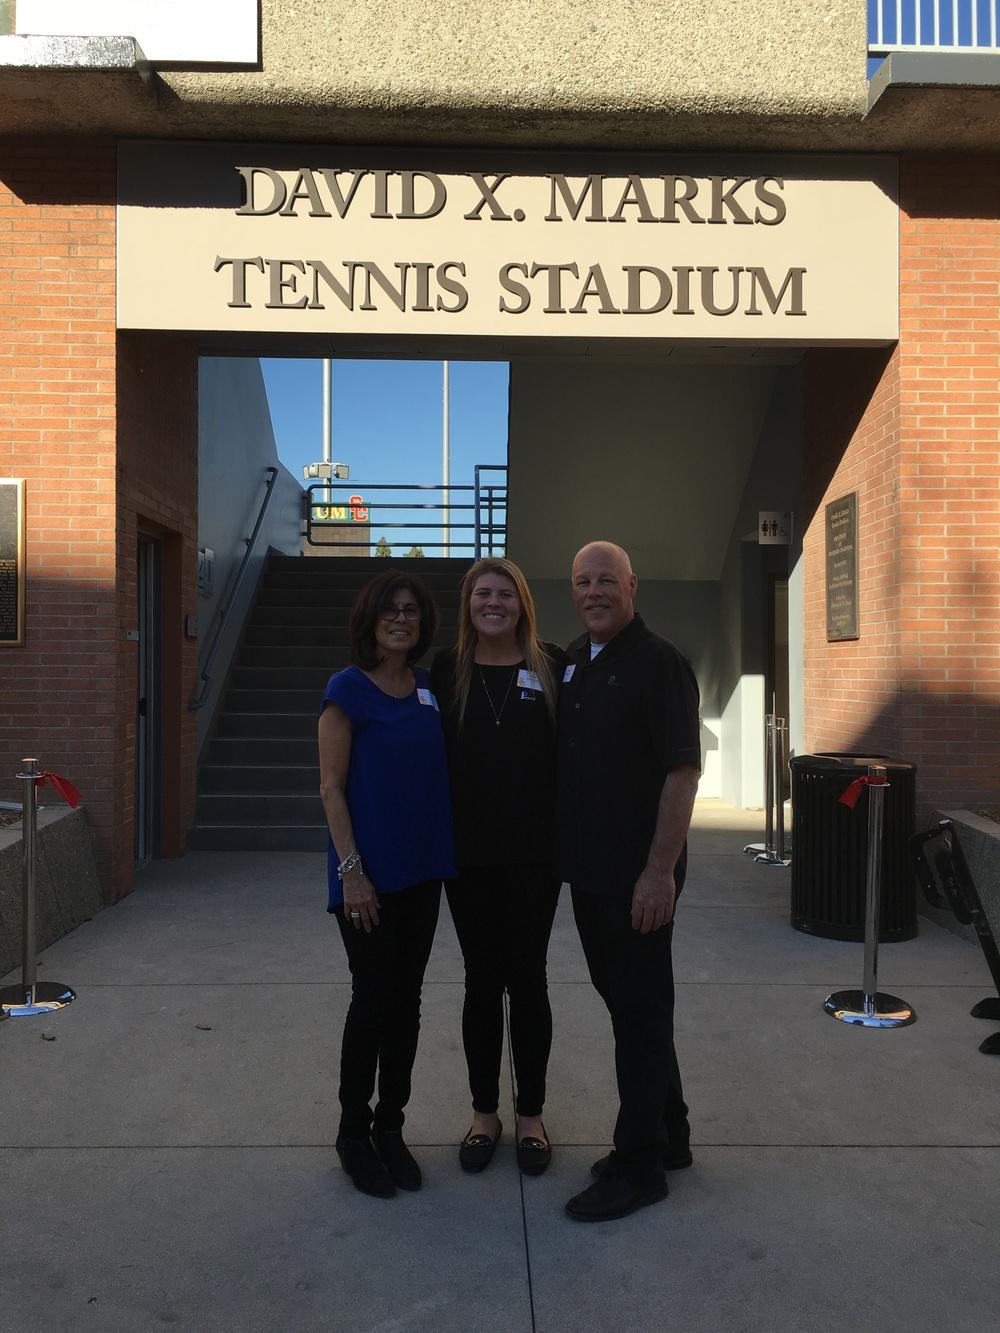 USC Tennis Stadium 3D Signage